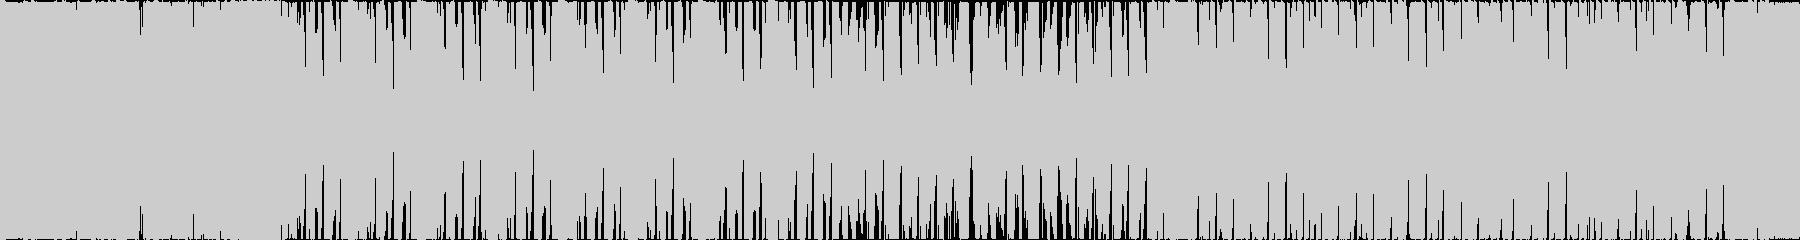 ホラー・ハロウィン・クラシック【ループ】の未再生の波形